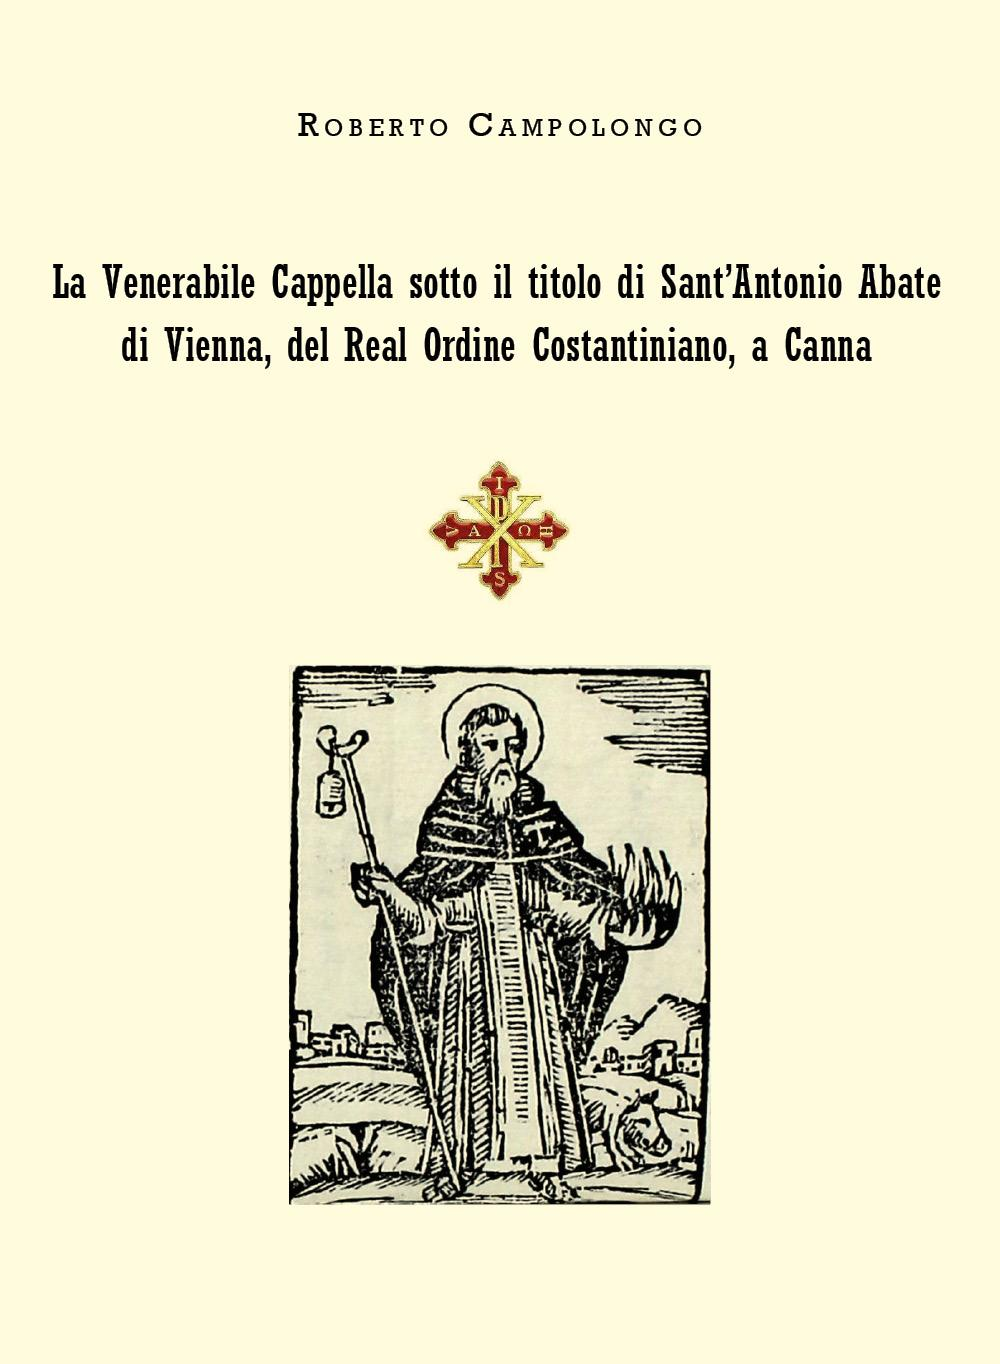 La Venerabile Cappella sotto il titolo di Sant'Antonio Abate di Vienna, del Real Ordine Costantiniano, a Canna